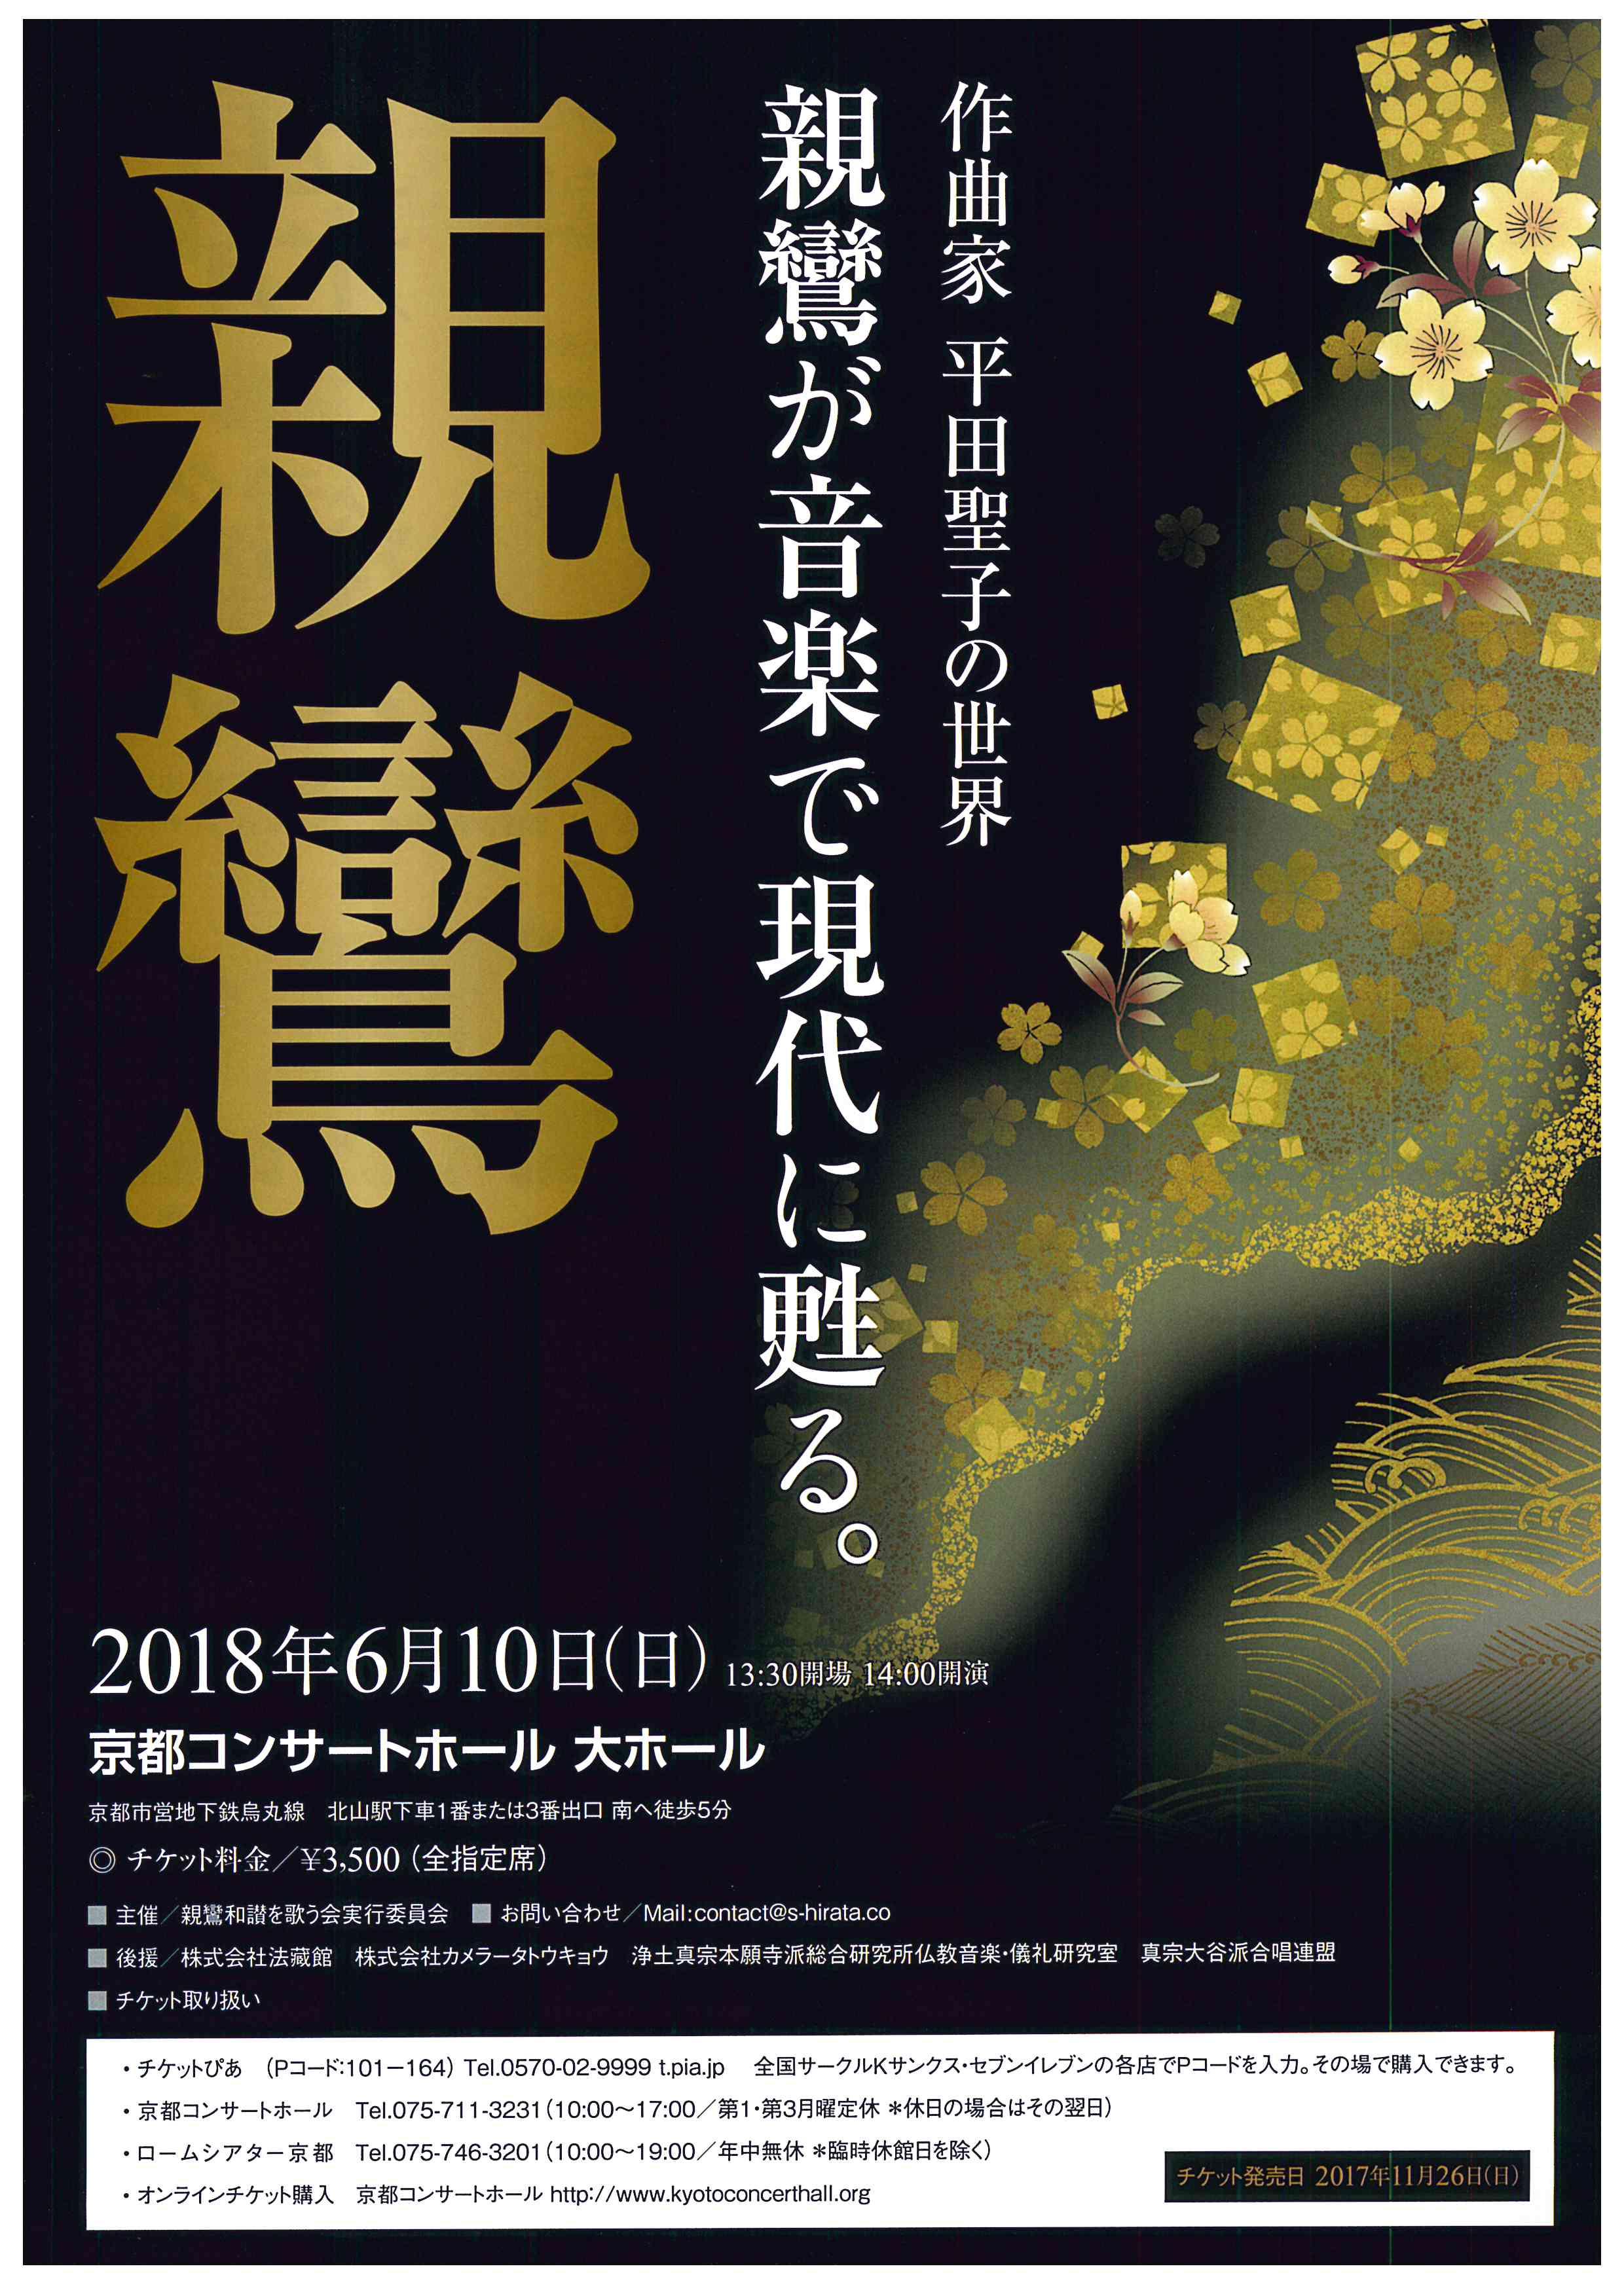 平田聖子先生のコンサートイン京都ちらしおもて